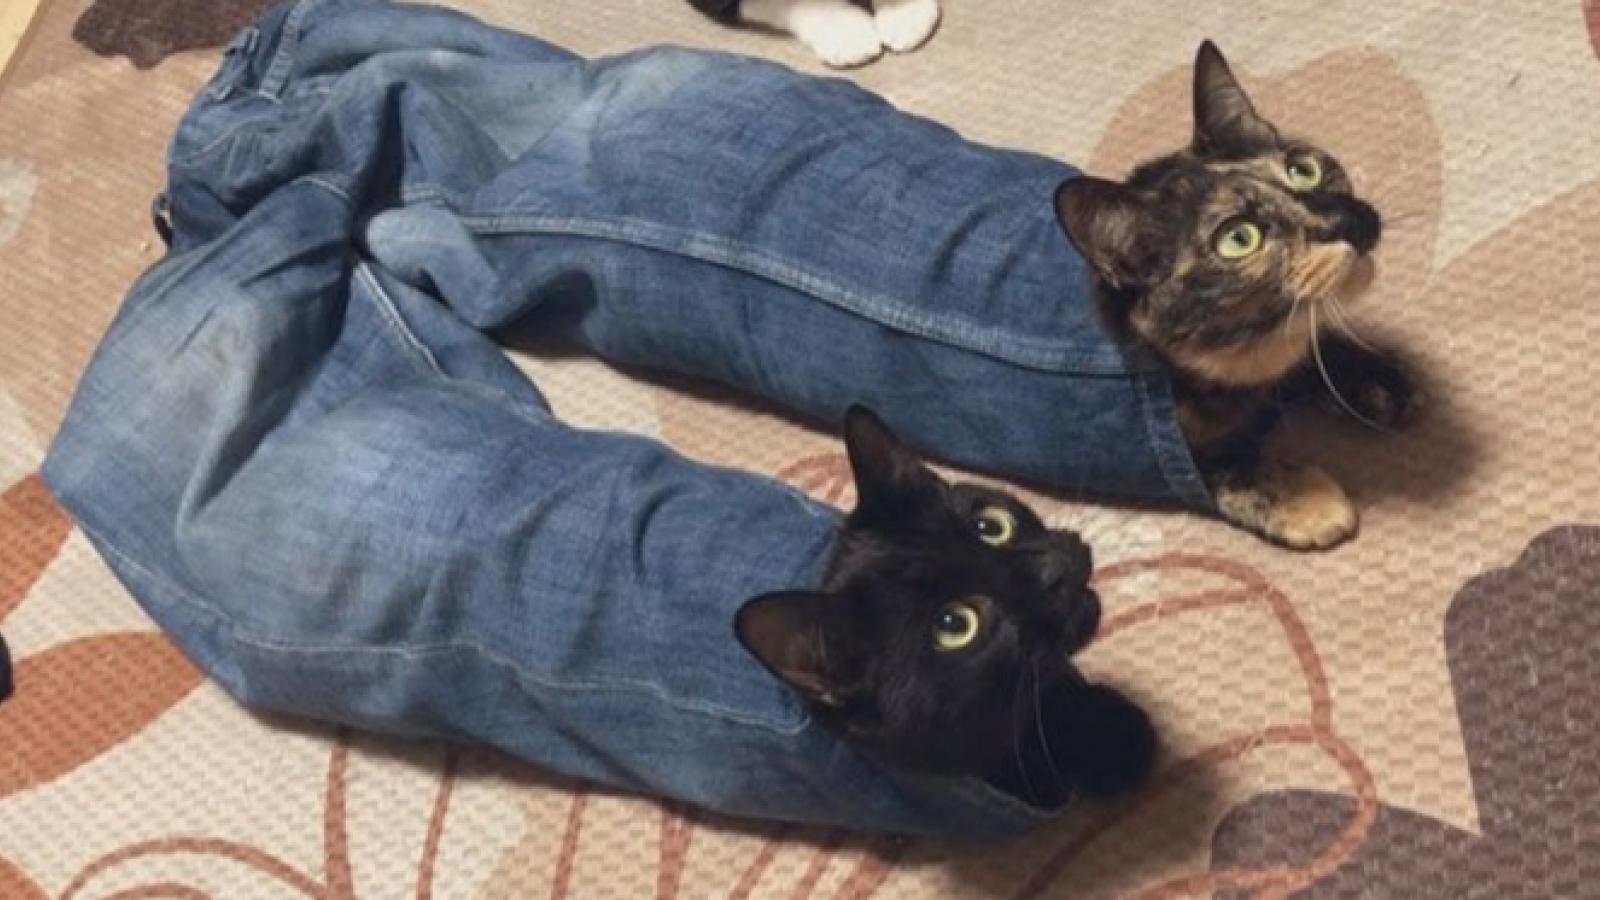 Thư giãn với chùm ảnh vui về những chú mèo